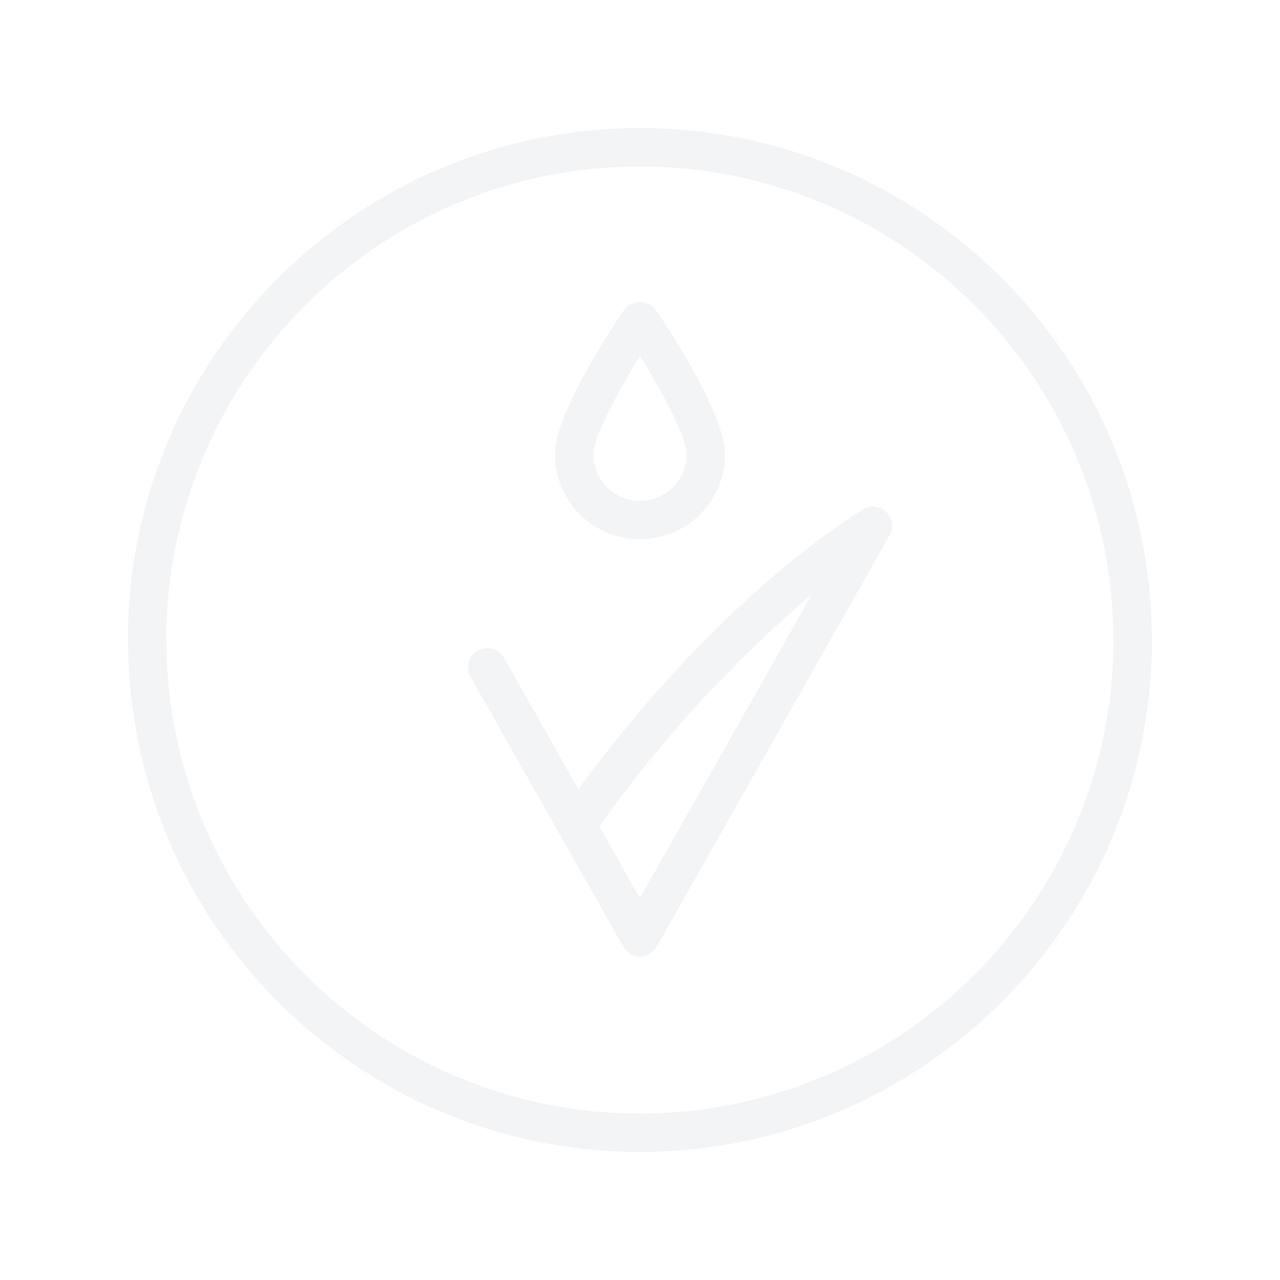 SENSAI Glowing Base SPF10 30ml